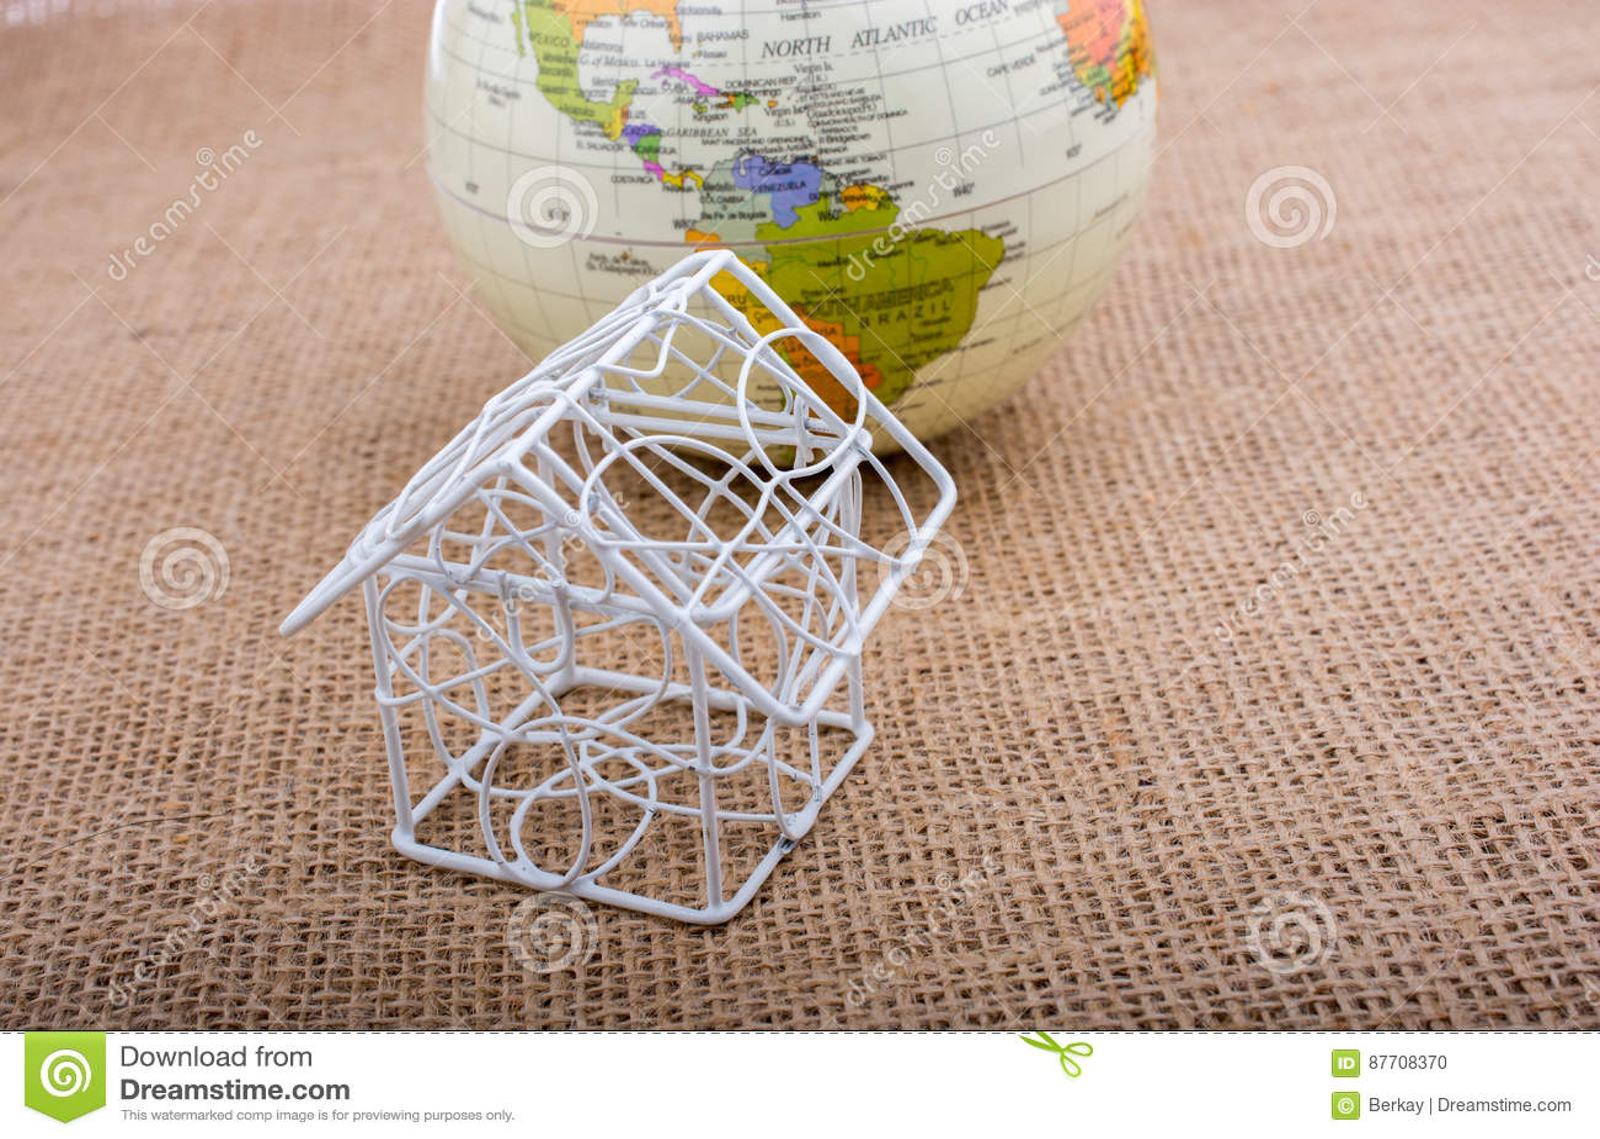 Peu de maison modèle et un globe modèle